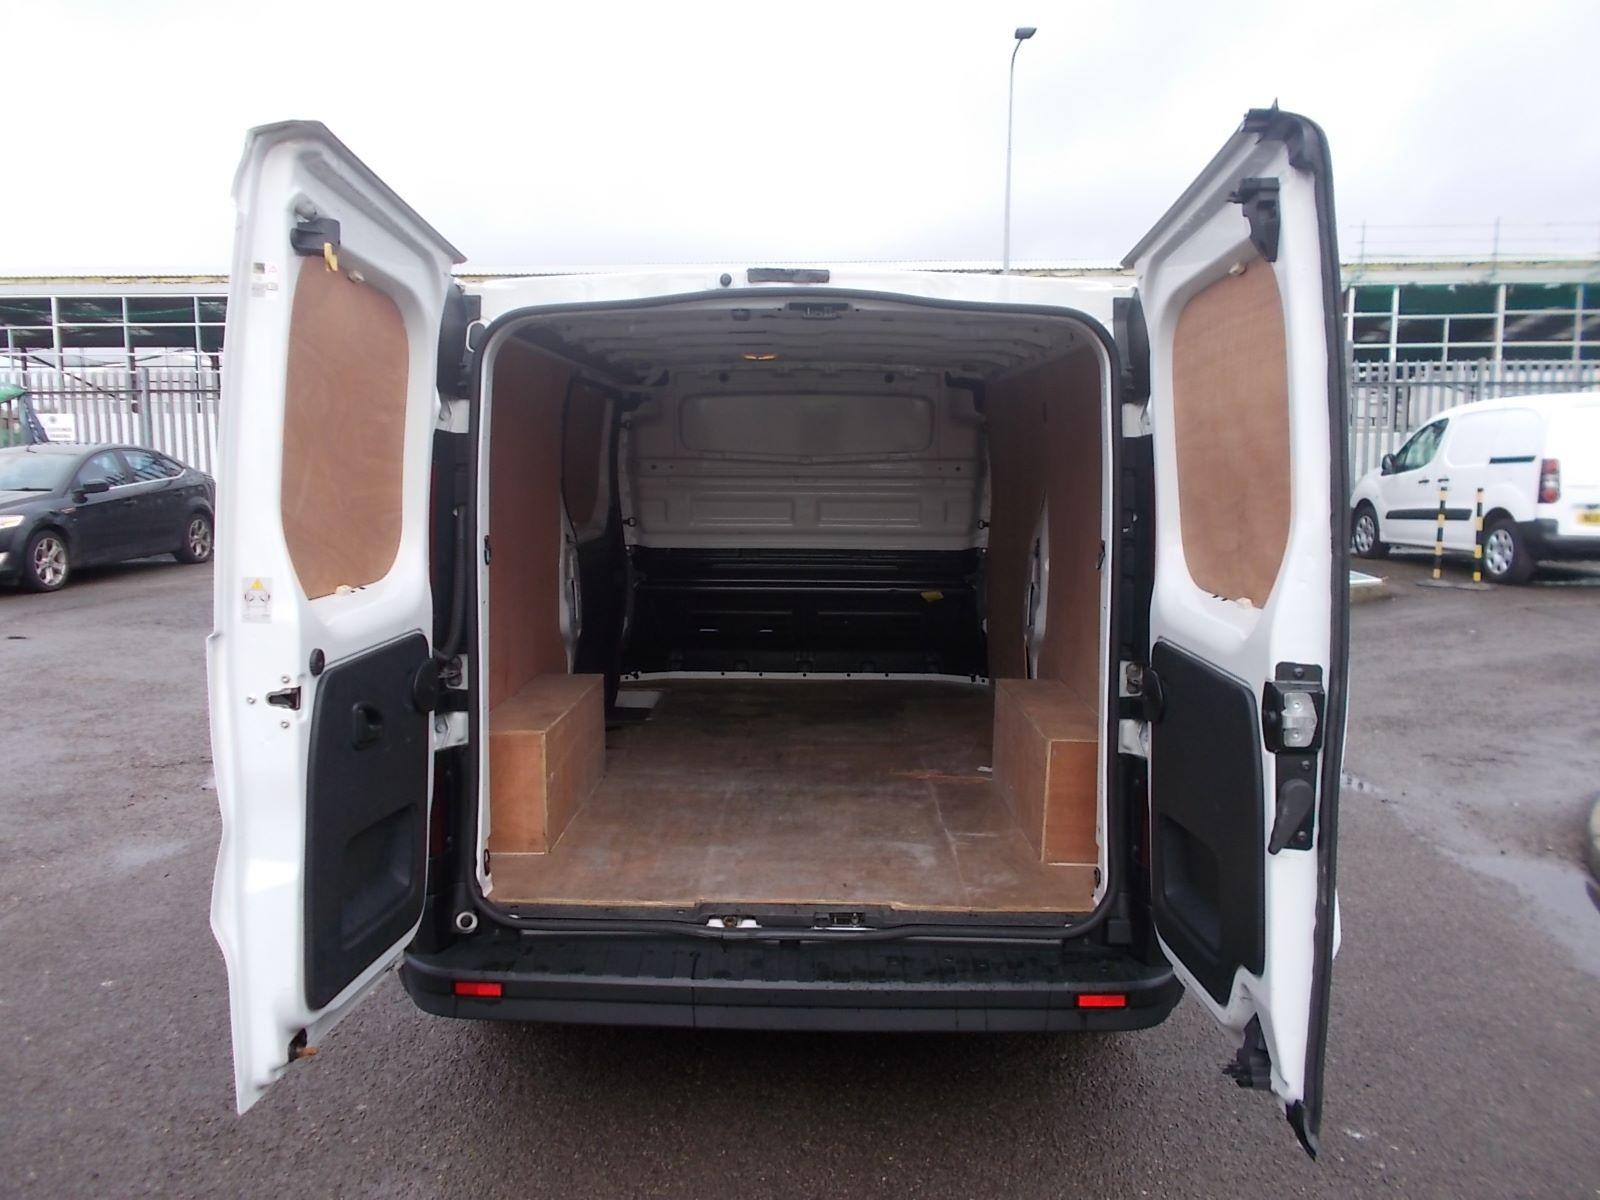 2017 Vauxhall Vivaro L2 H1 2900 1.6CDTI 120PS EURO 6 (DV17FNH) Image 5